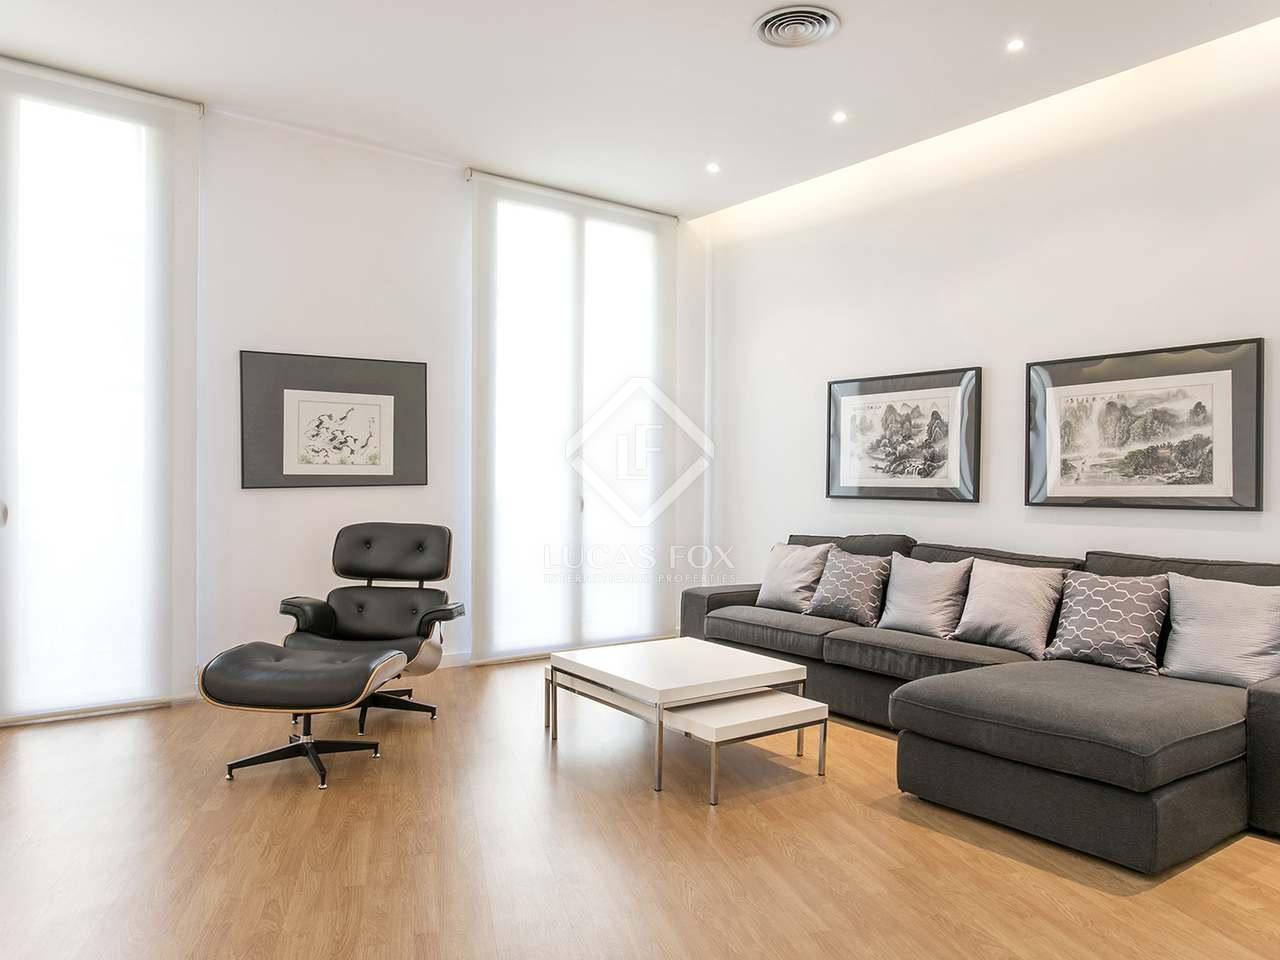 Appartamento di 220m in affitto a gotico barcellona for Affittare casa a barcellona